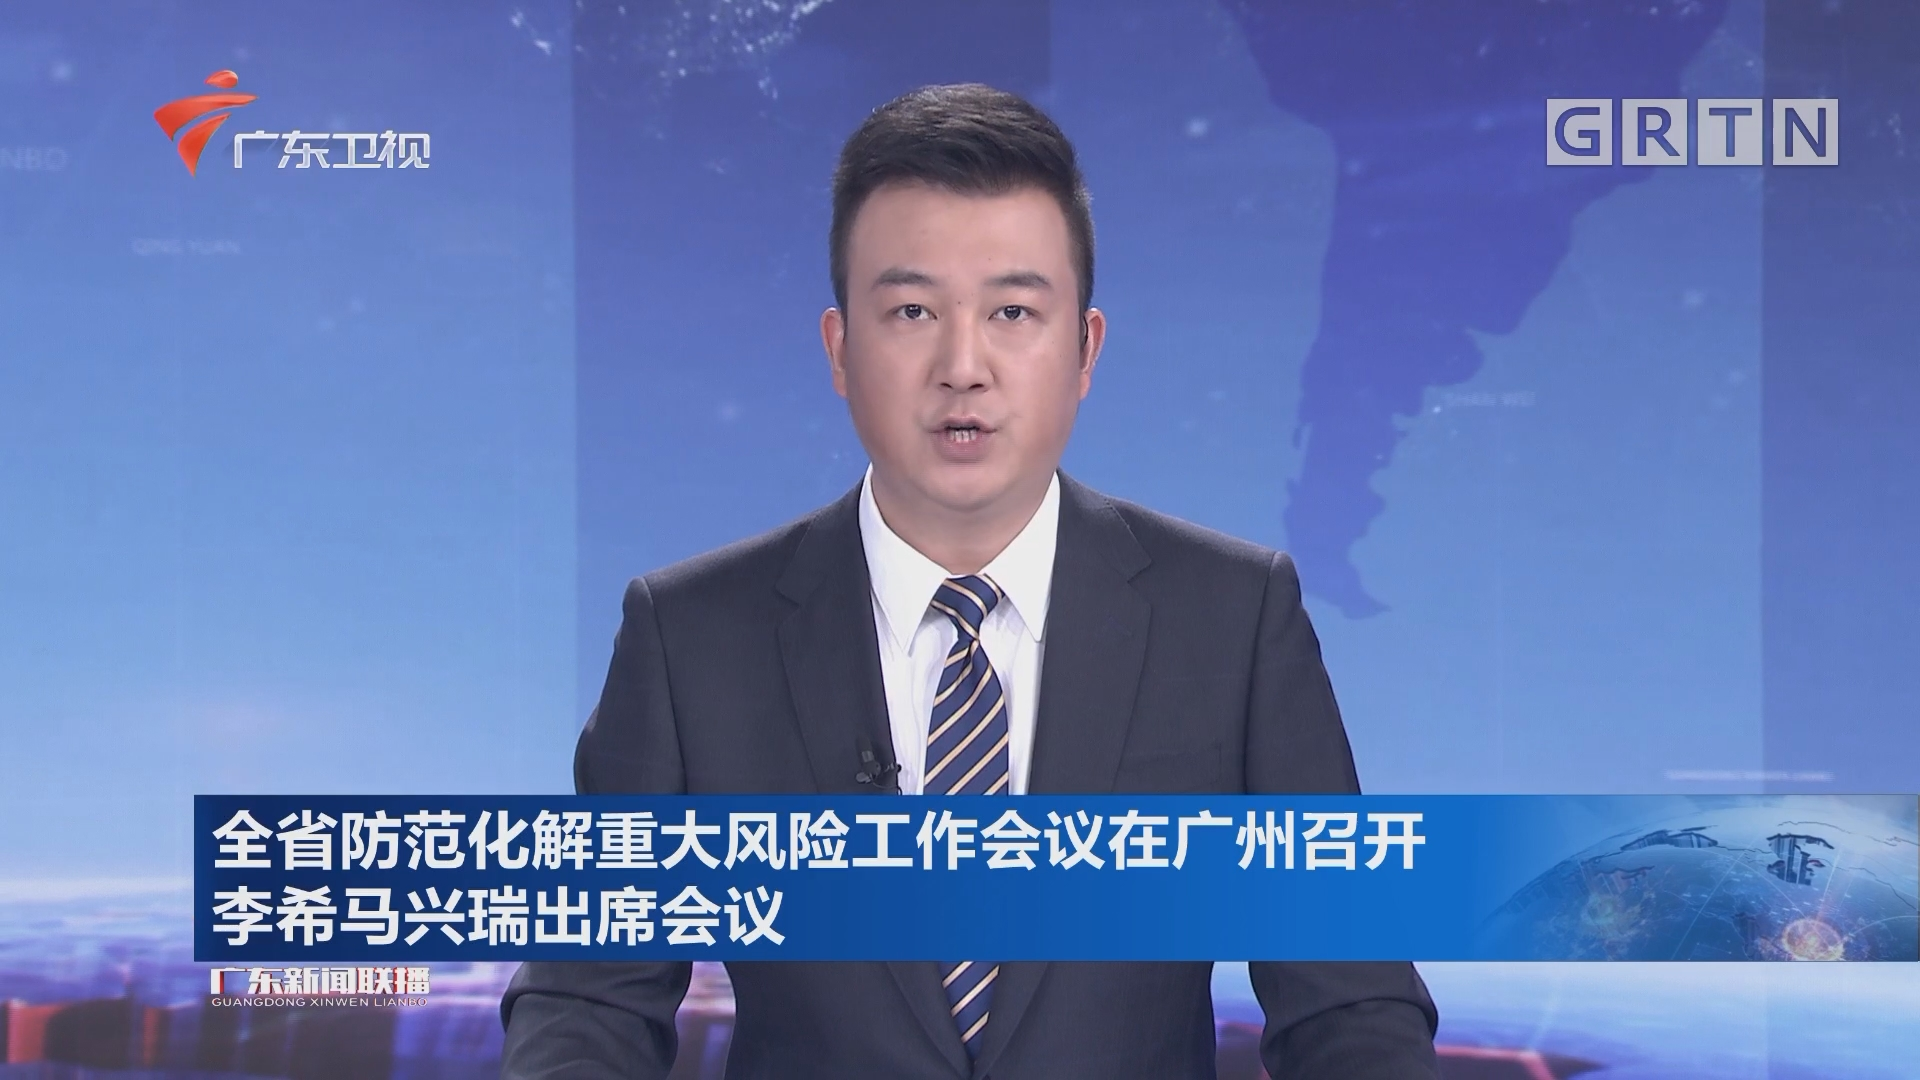 全省防范化解重大風險工作會議在廣州召開 李希馬興瑞出席會議